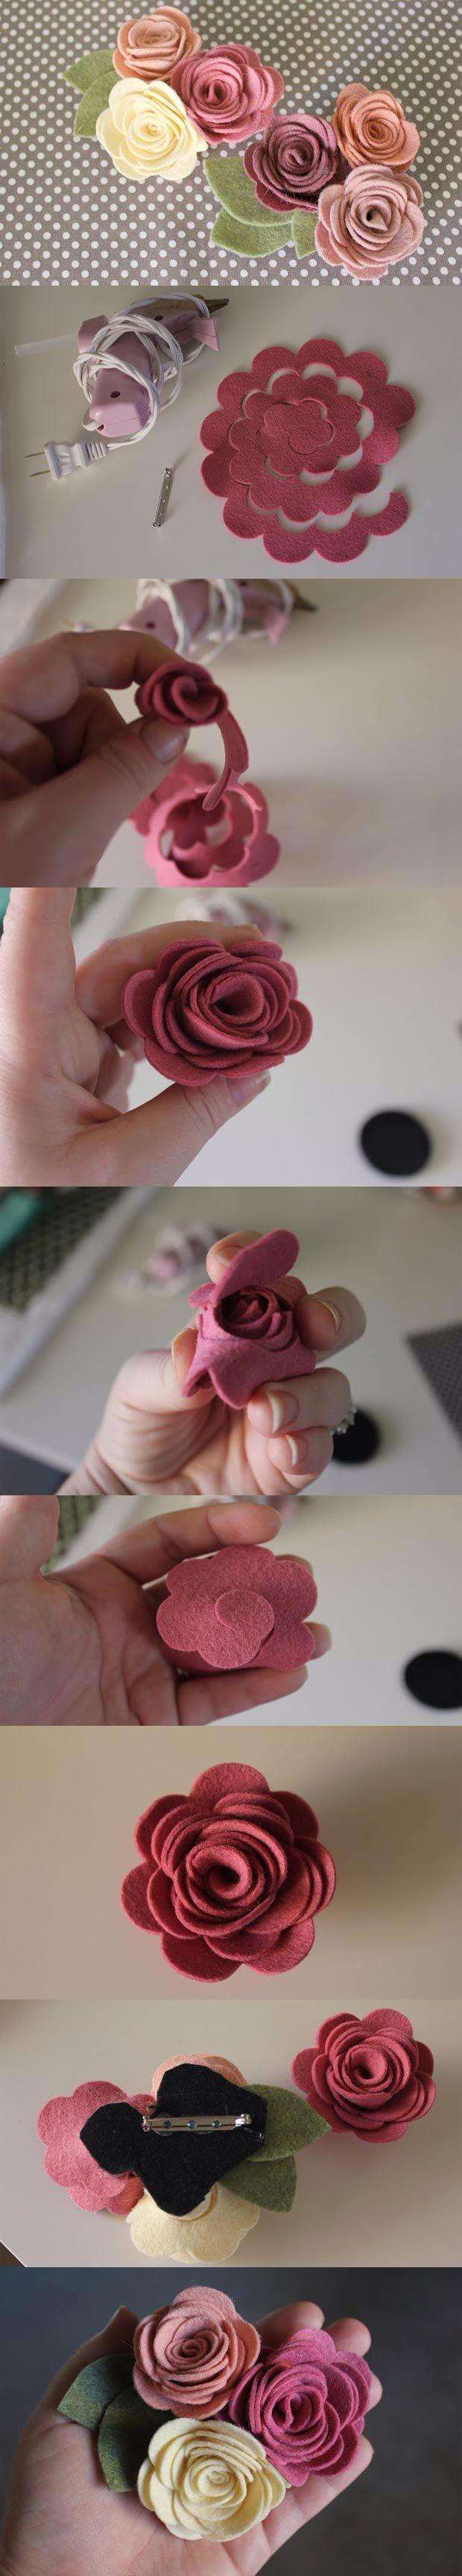 Tutorial flor de feltro